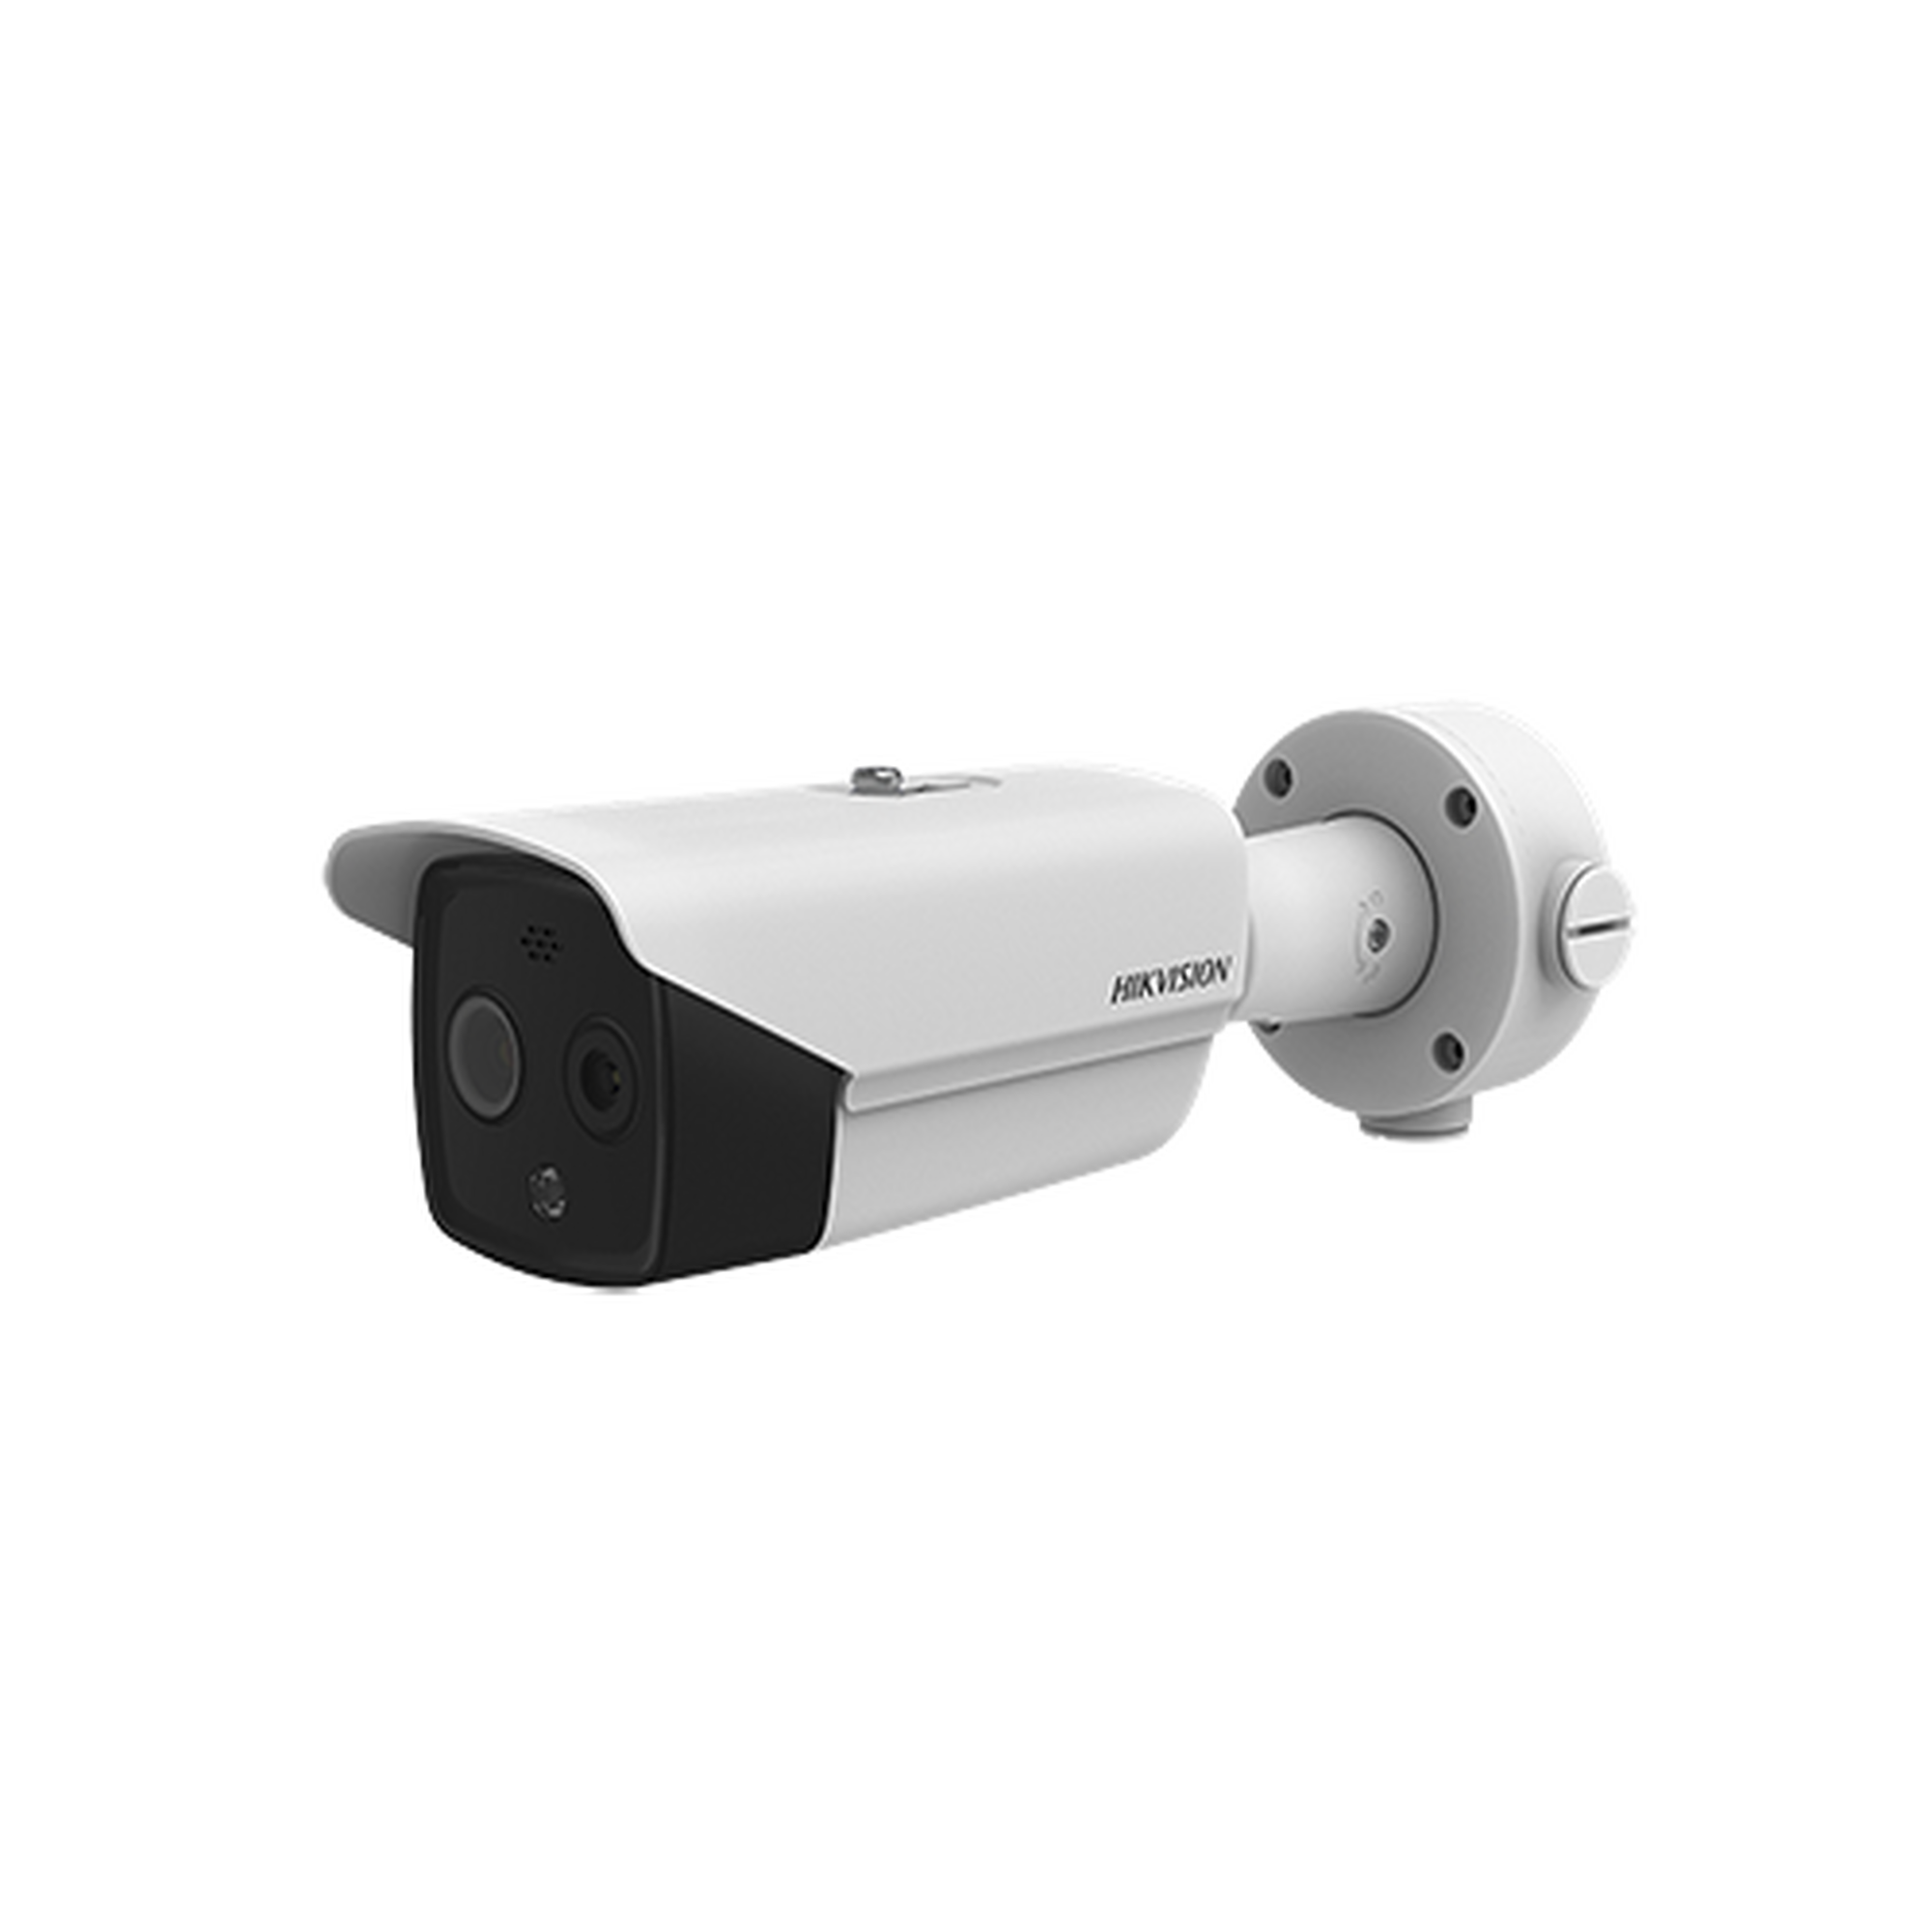 Bullet IP Térmica de Alta Precisión INDUSTRIAL / Medición Multiple para Areas de Alto Flujo de Objetos / Lente térmico 3mm